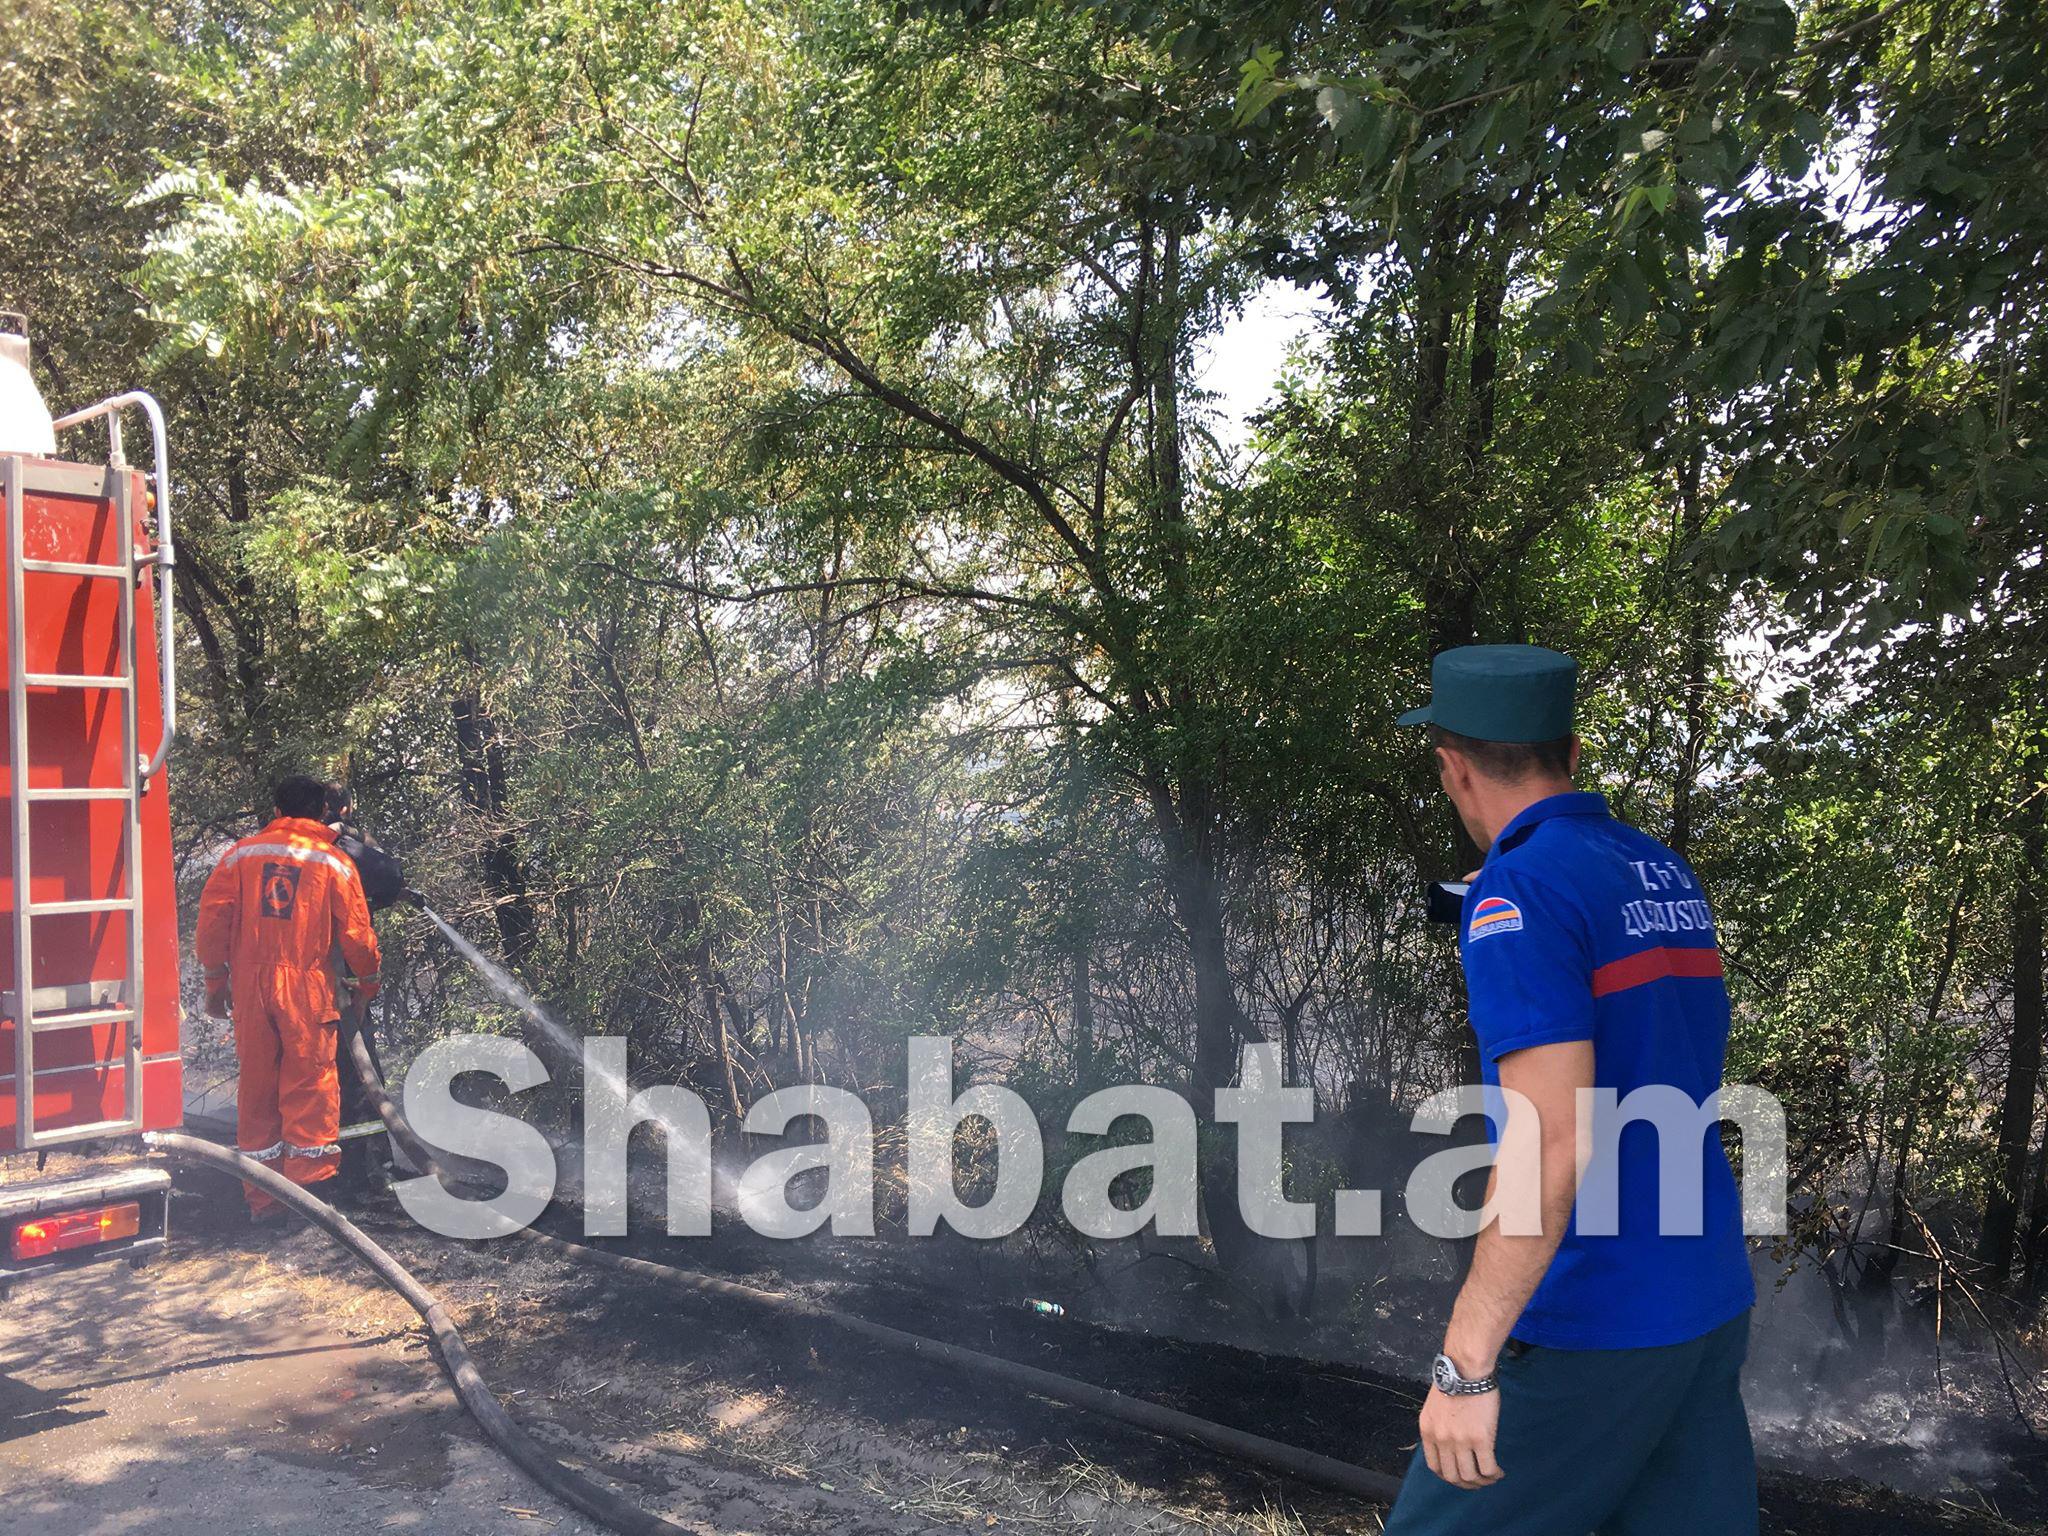 Երևան- Արմավիր ճանապարհին հրդեհվել է խոտածածկ տարածք. մանրամասներ դեպքի վայրից (լուսանկար, տեսանյութ)